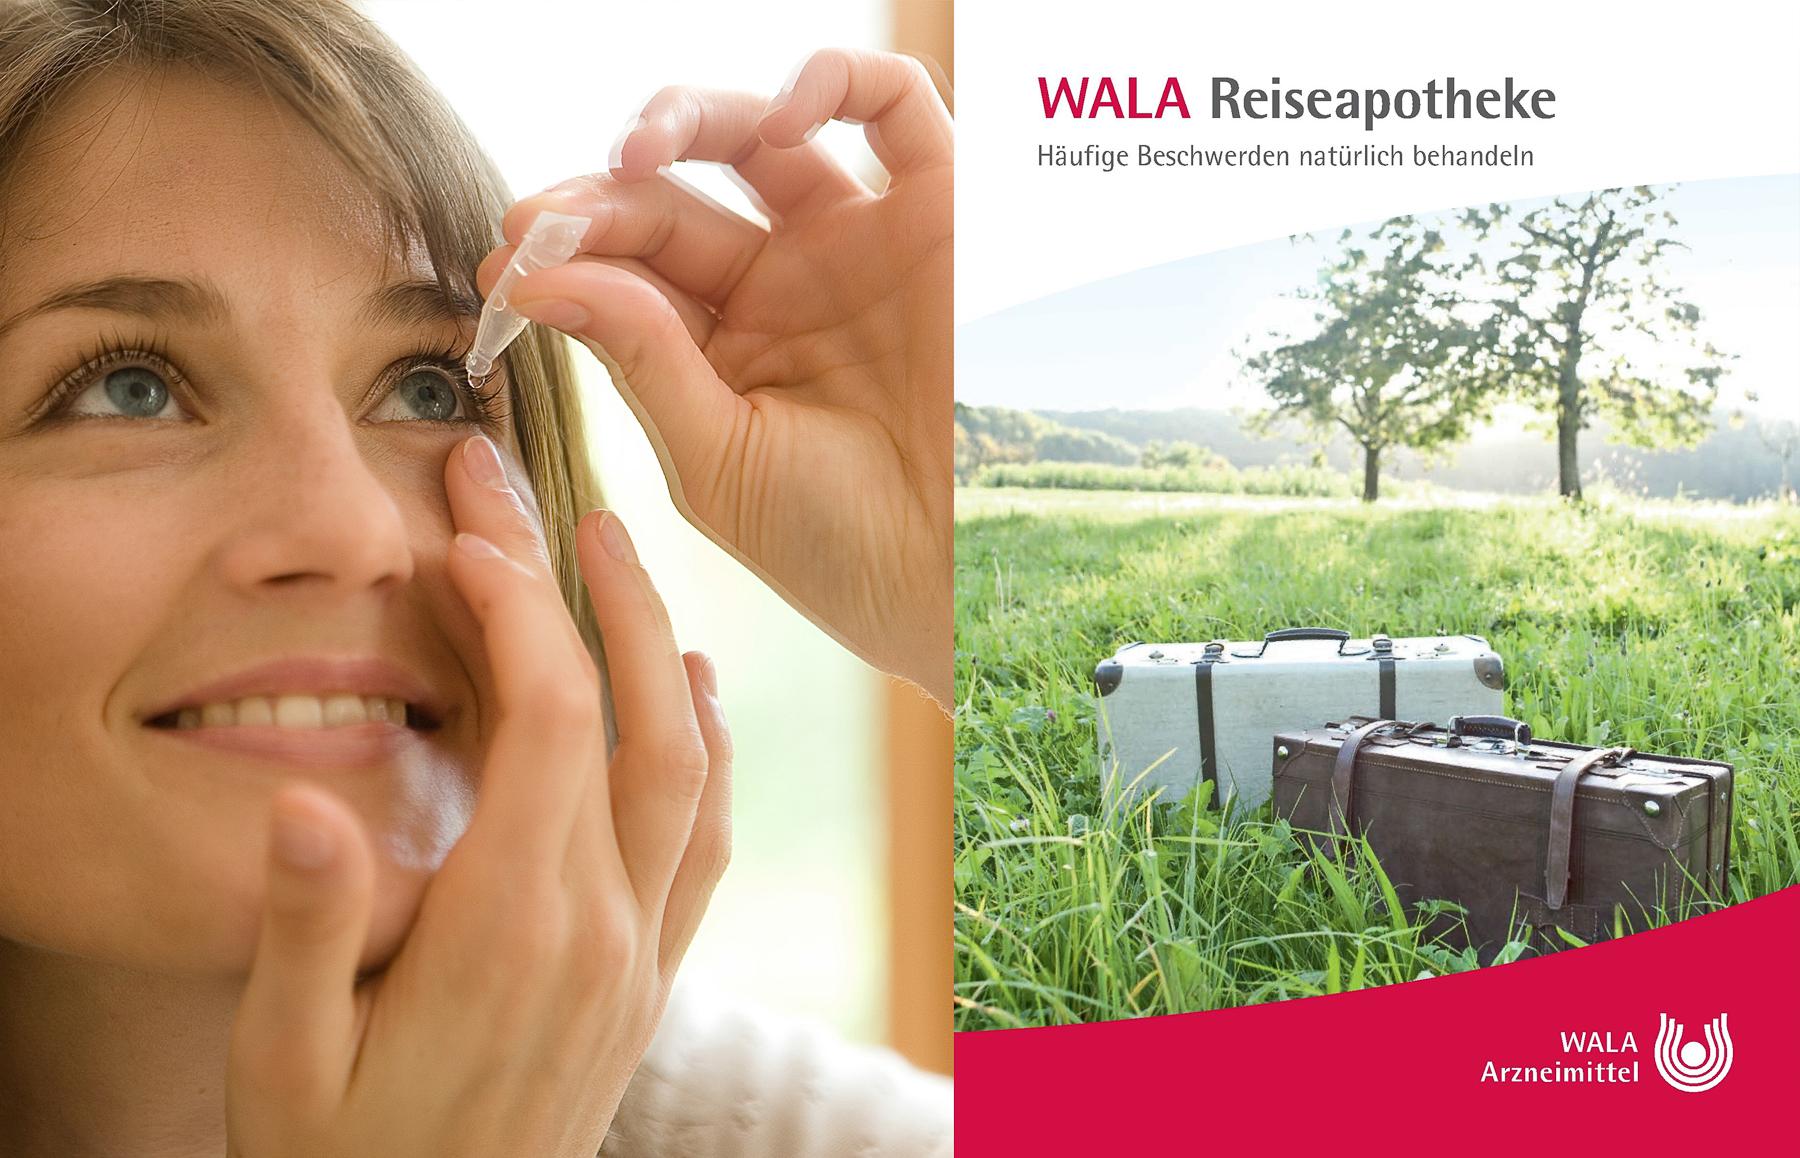 WALA Reiseapotheke